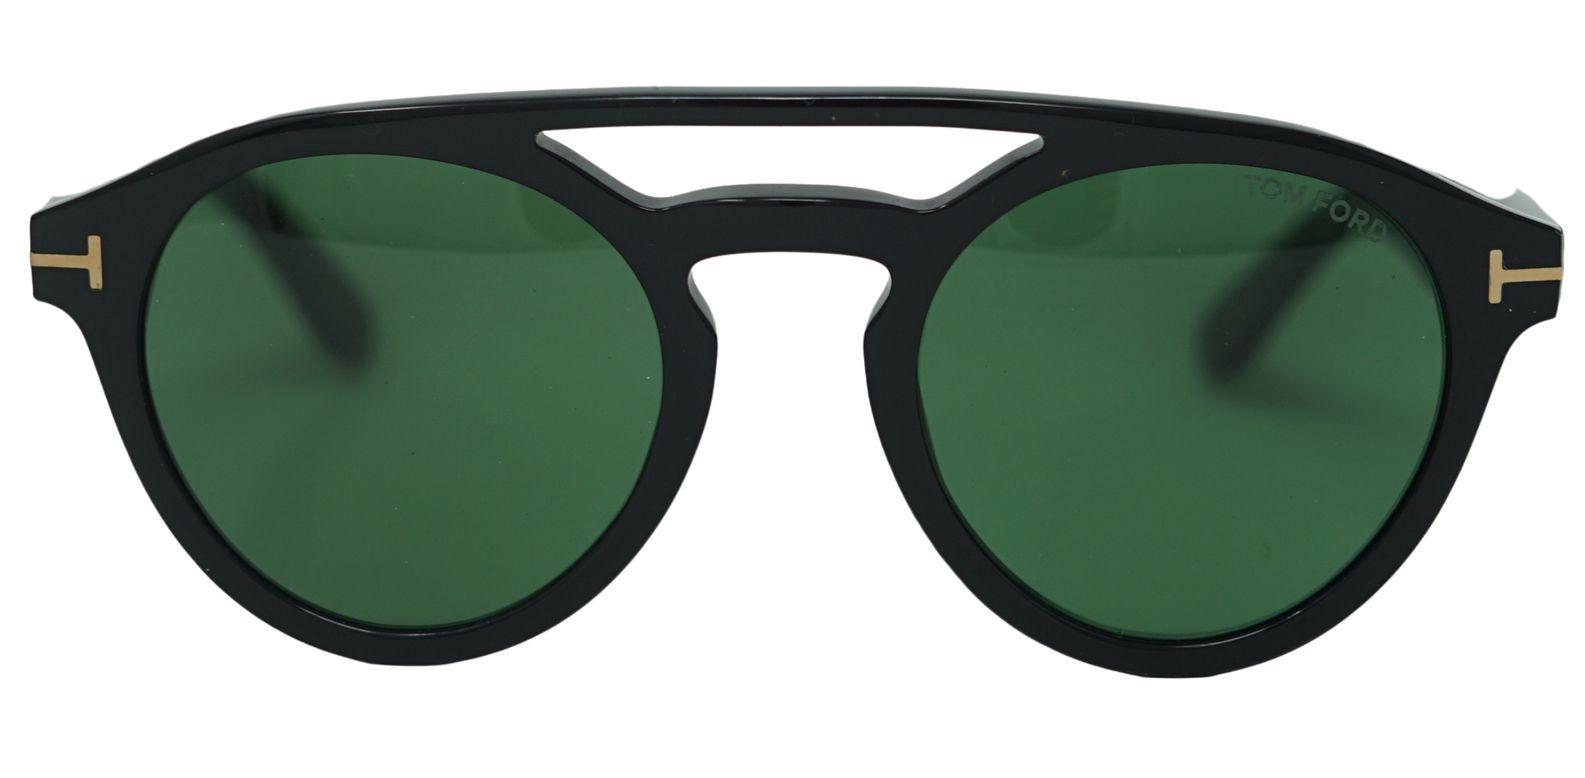 Tom Ford Clint Sunglasses FT0537 01N